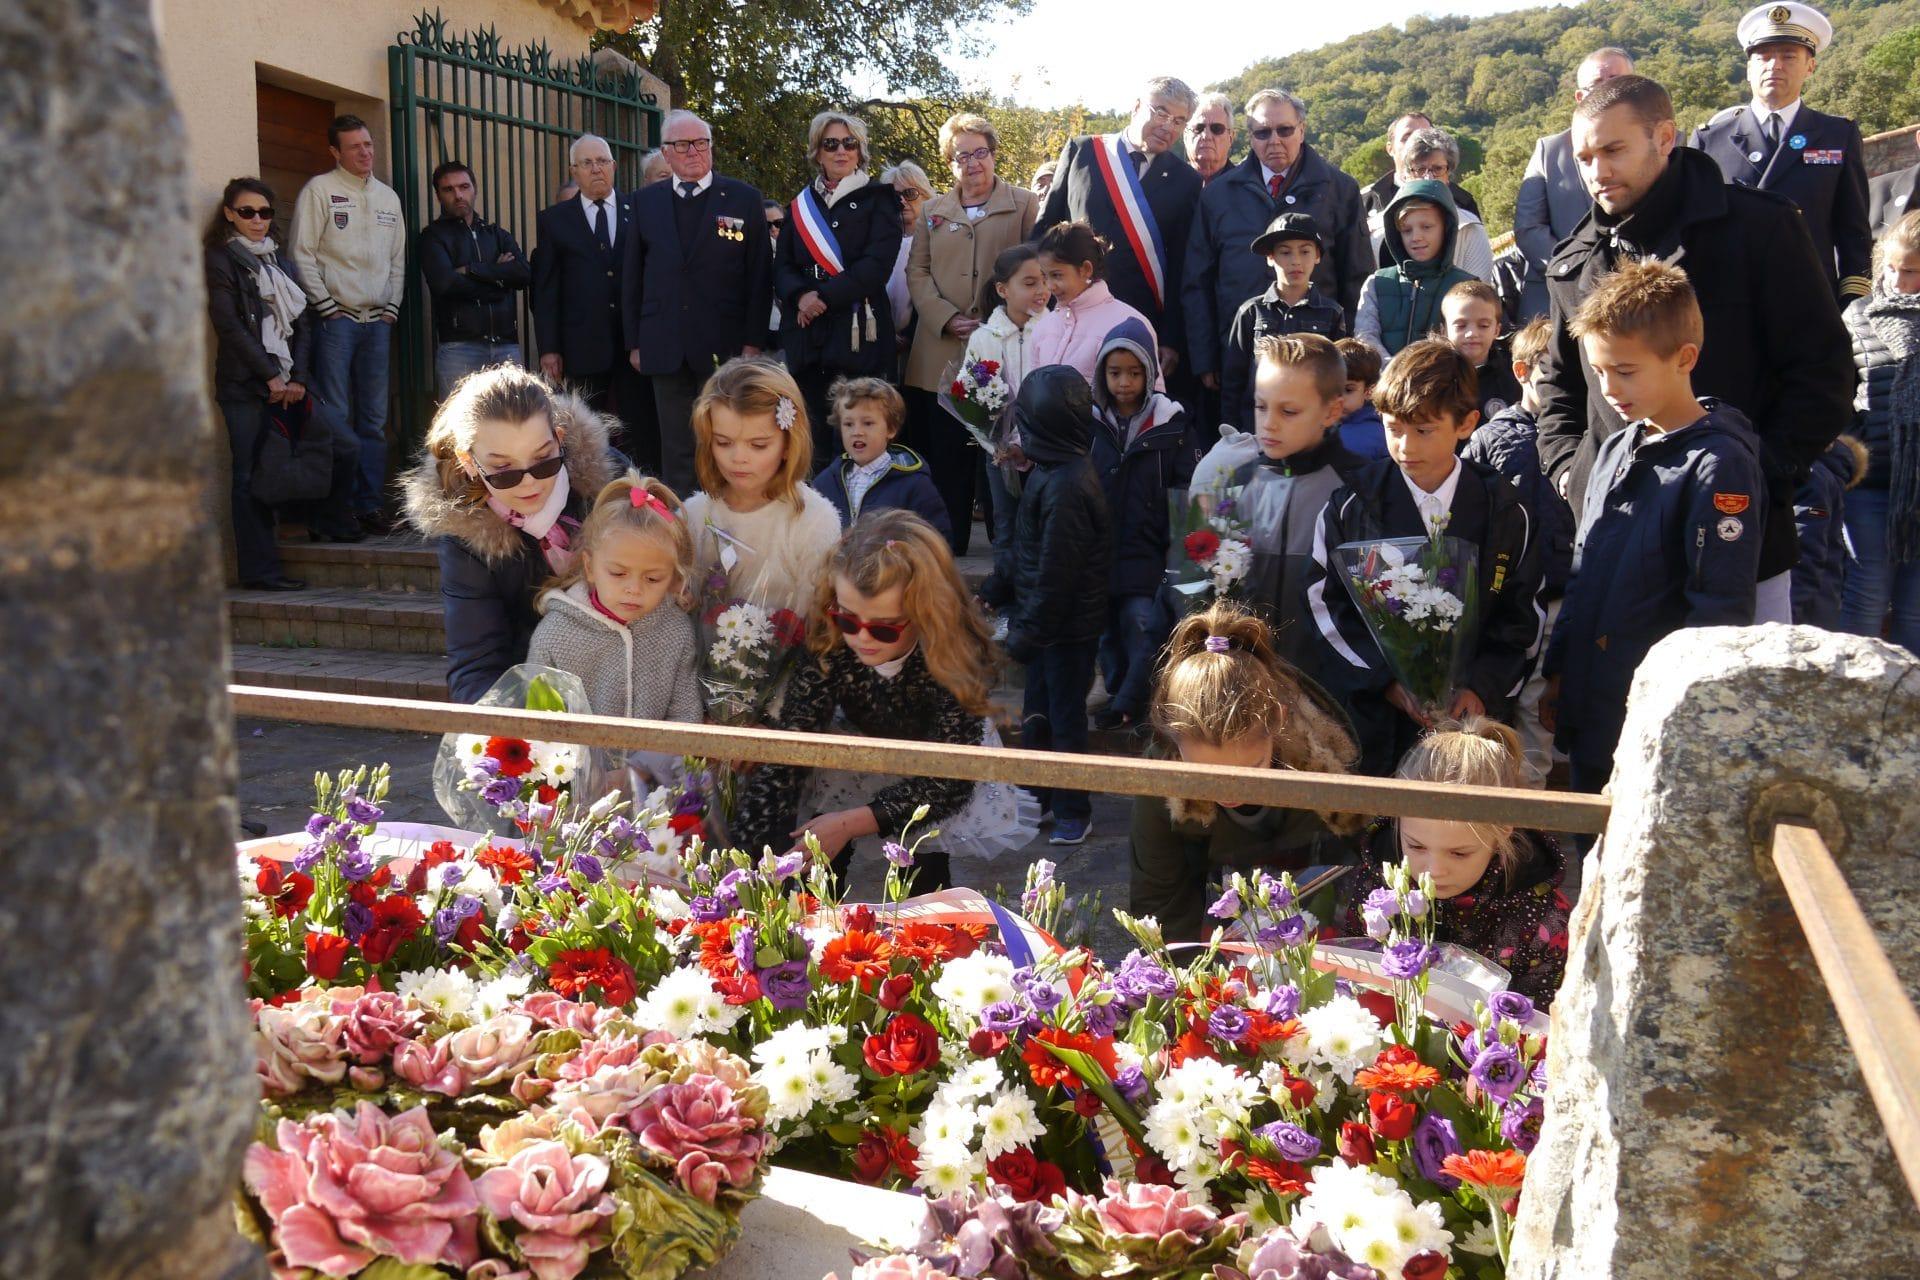 enfants-deposent-bouquets